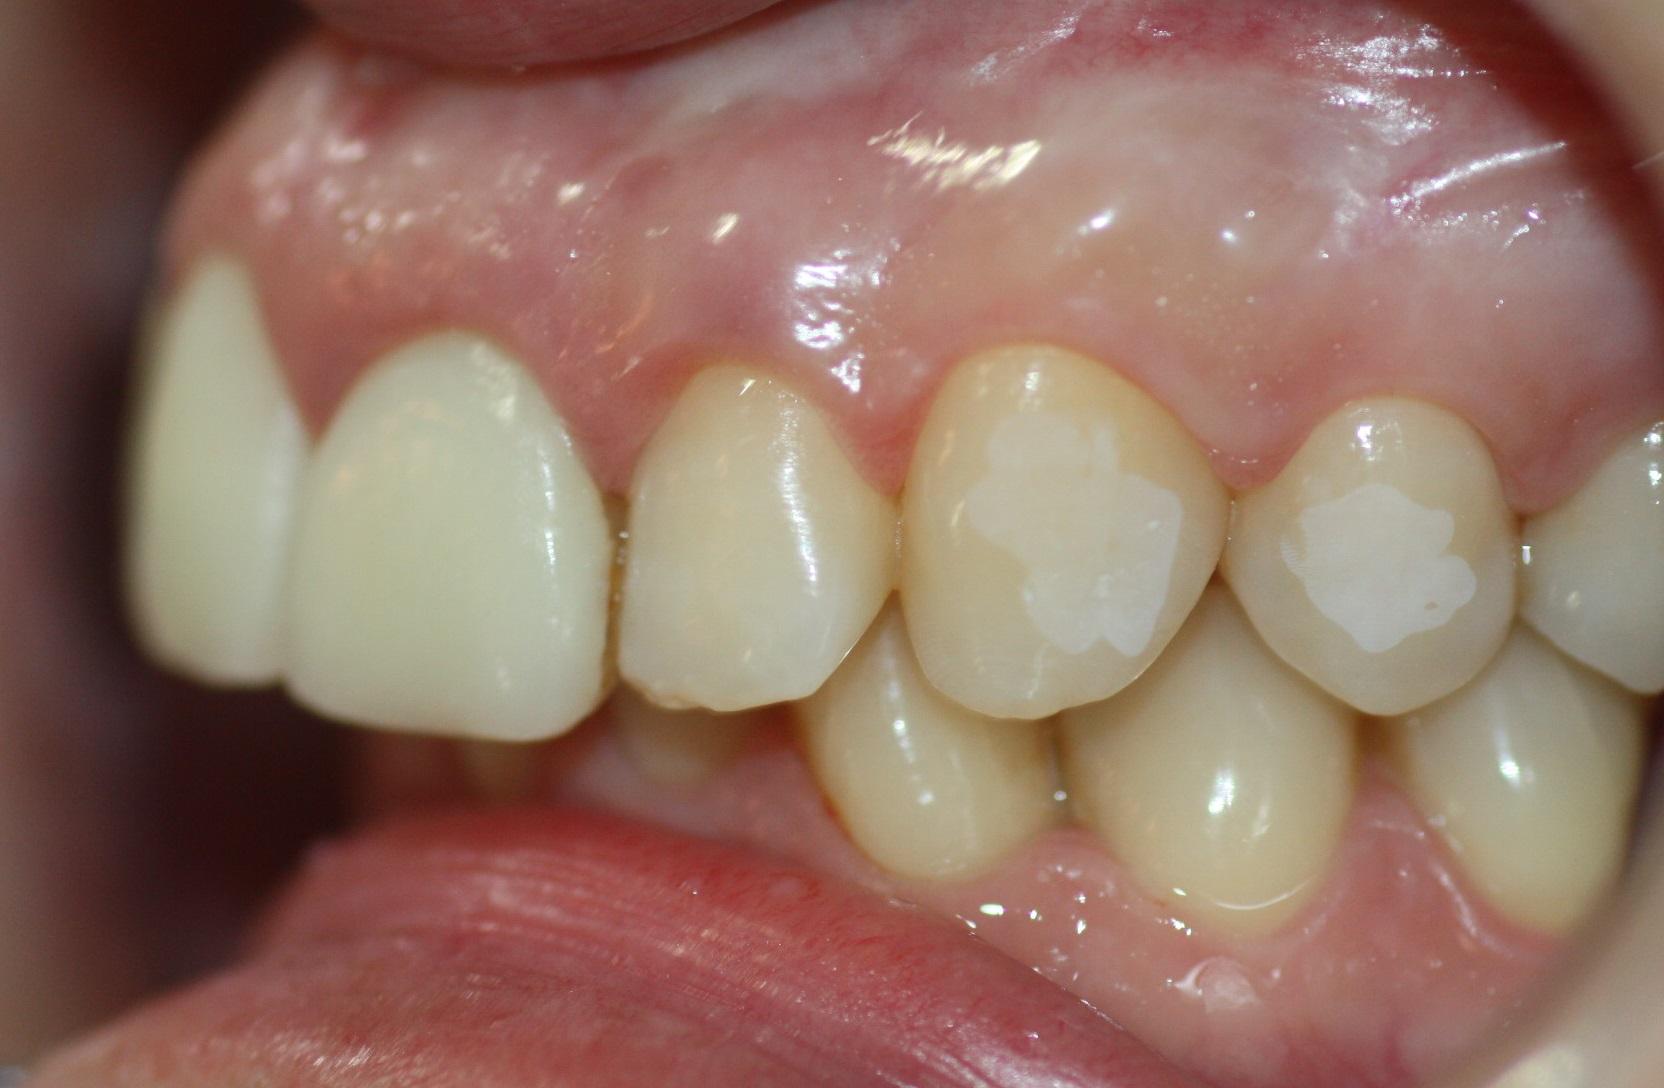 Después de lavar y secar, el diente adquiere un aspecto de 'tiza'